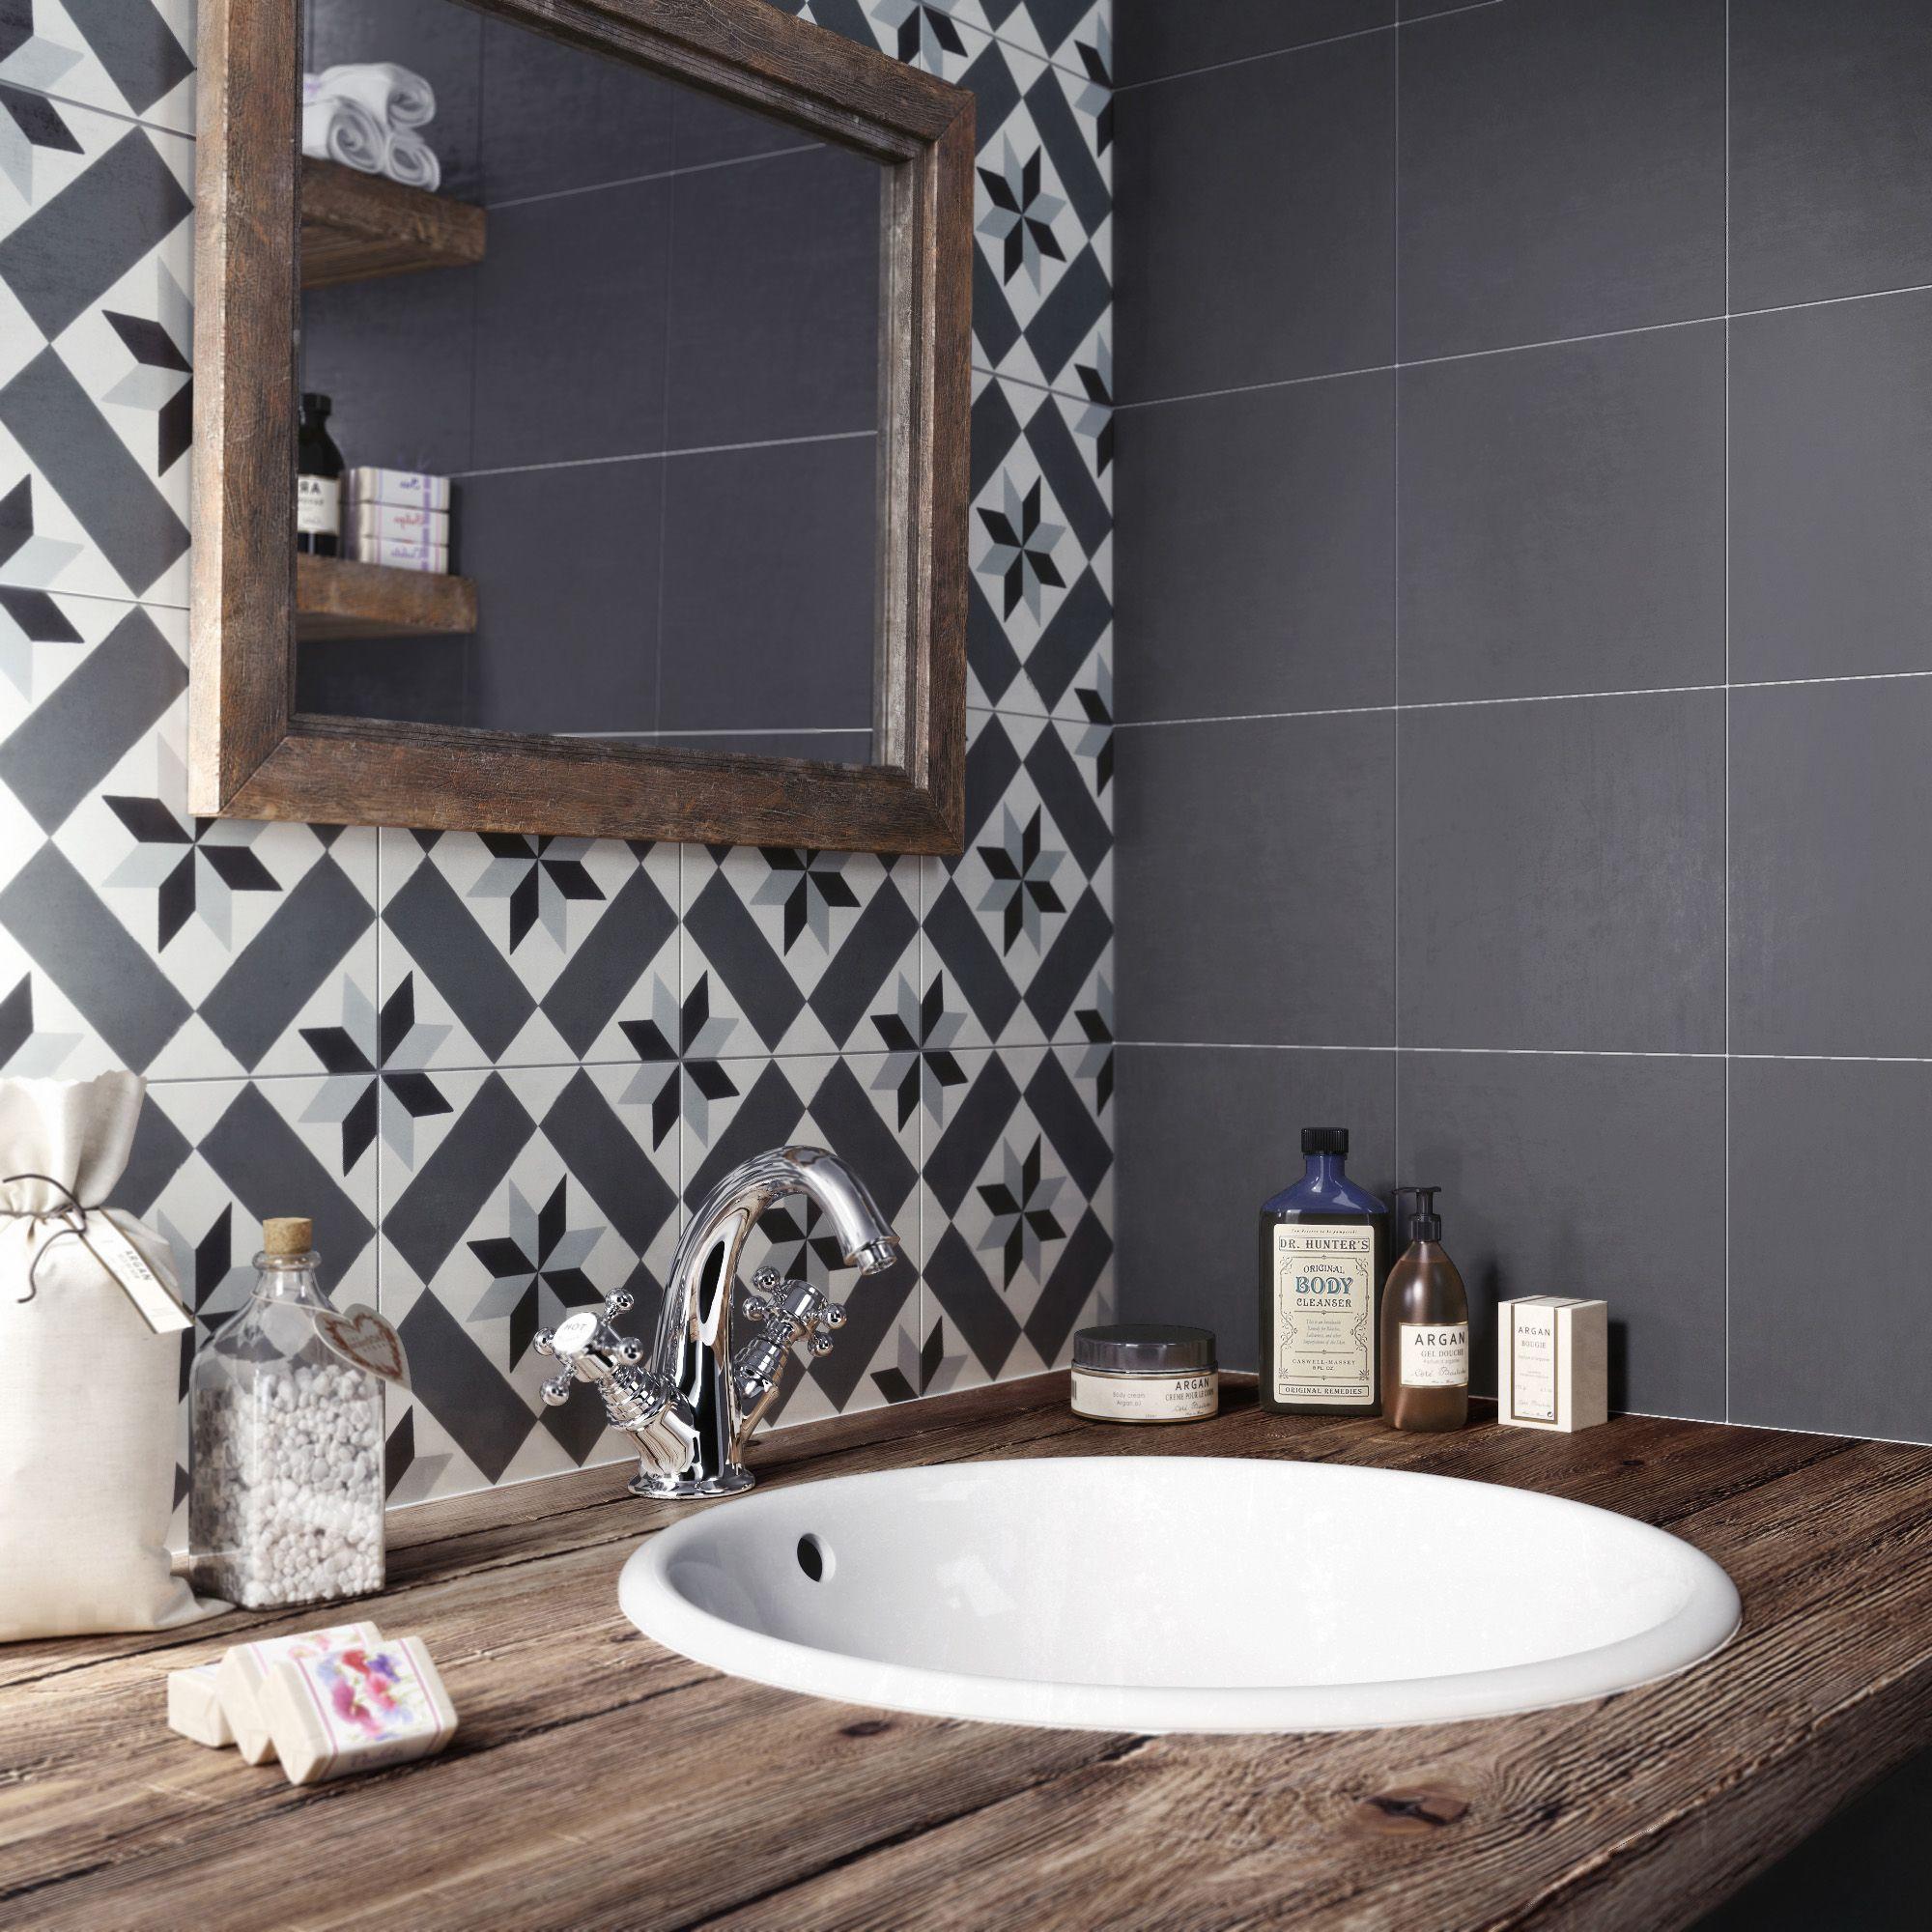 Carreau de ciment bois dans la salle de bain s w e e for Salle bain carreau de ciment